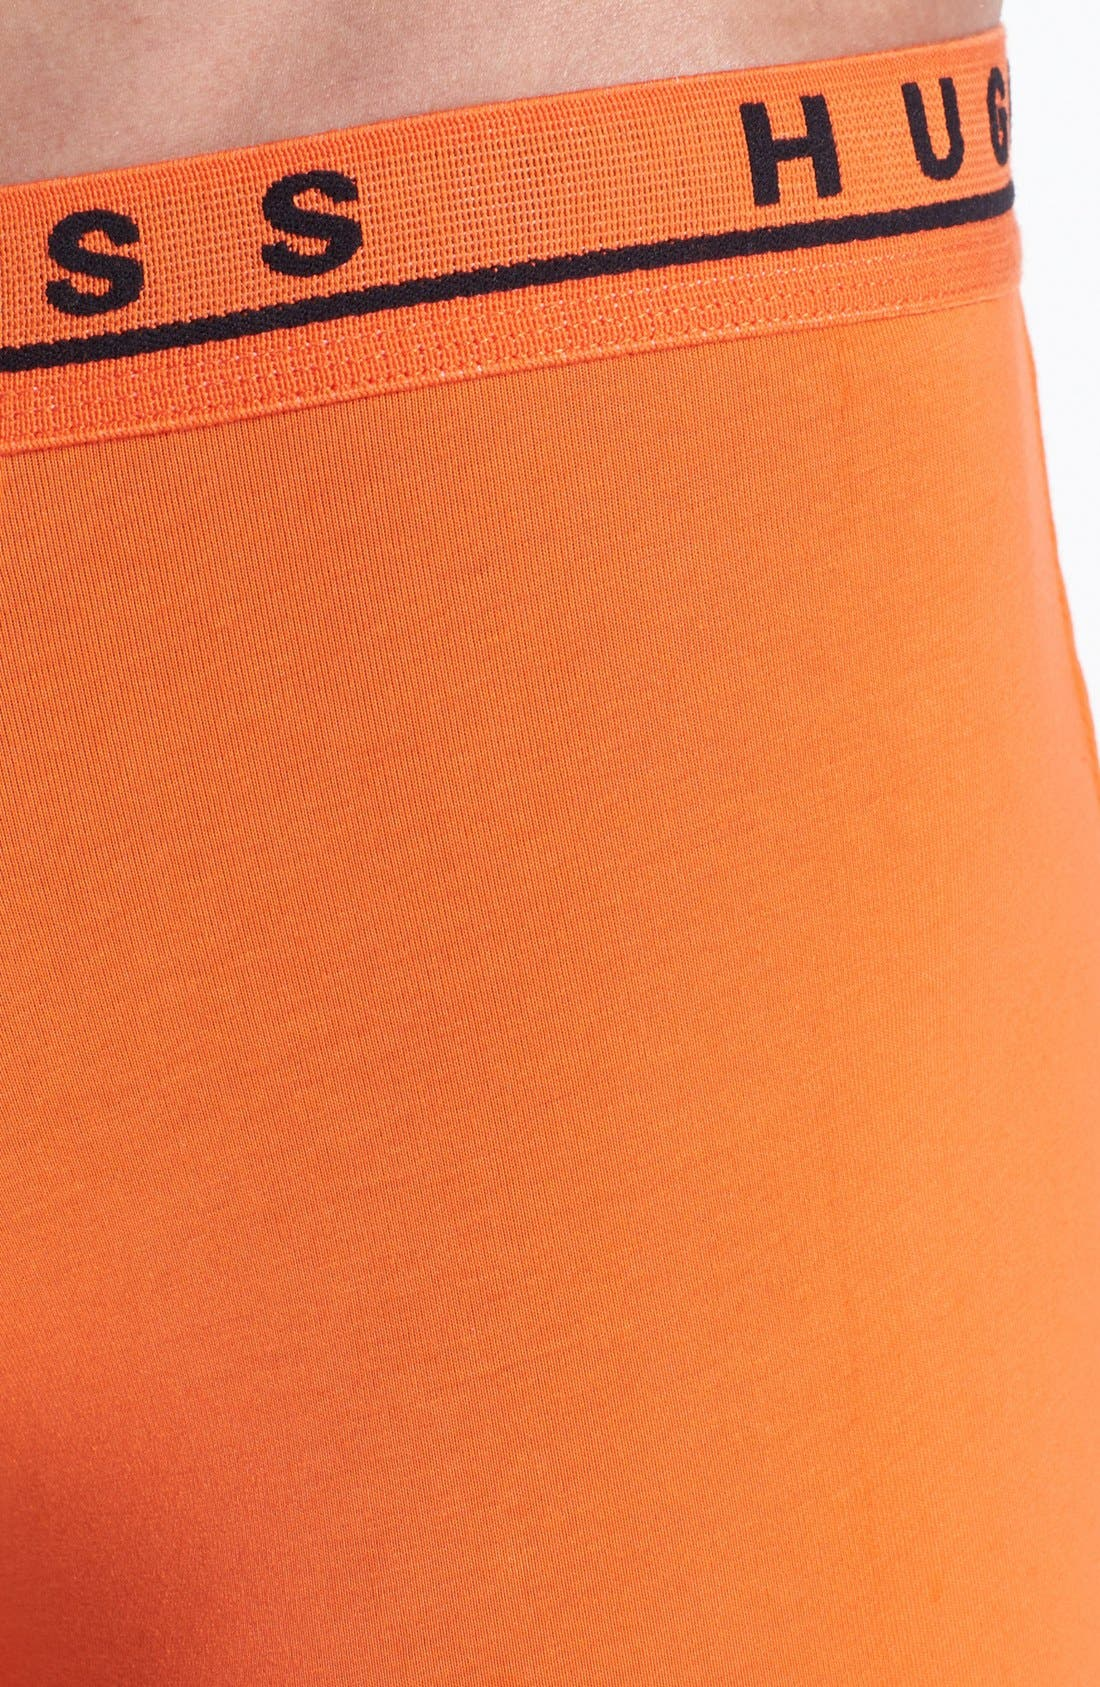 Alternate Image 3  - BOSS HUGO BOSS 'Cyclist 3P BM' Stretch Cotton Boxer Briefs (Assorted 3-Pack)